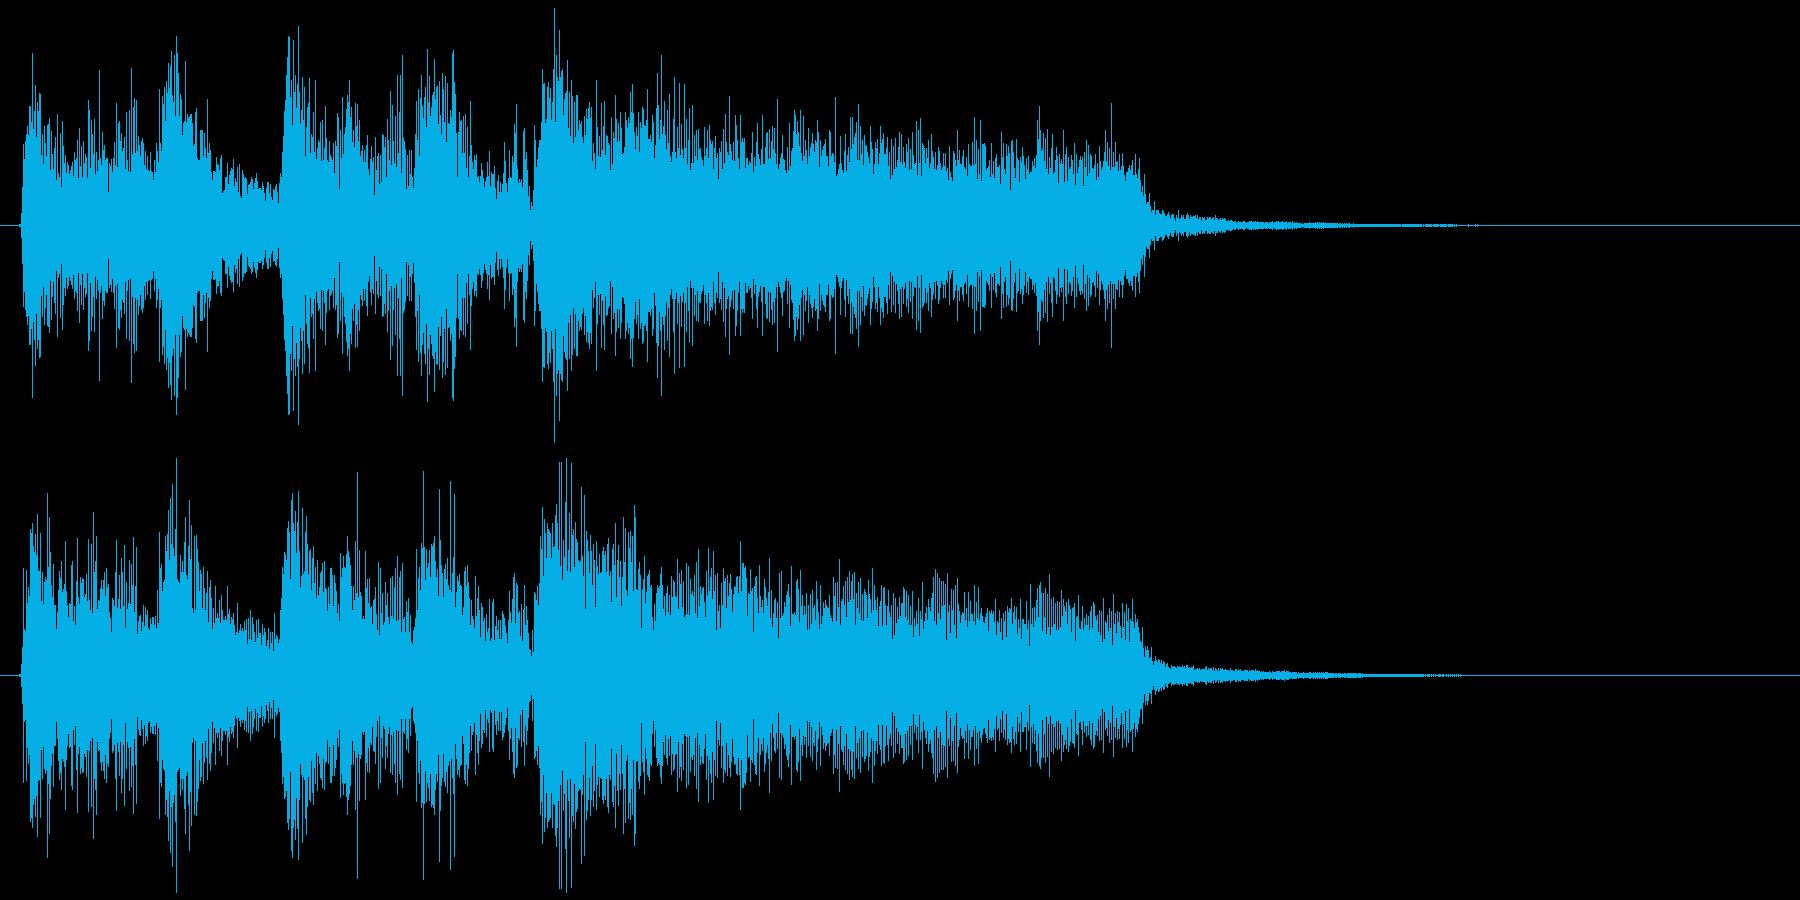 レベルアップ系ジングル、爽快ブラスジャズの再生済みの波形